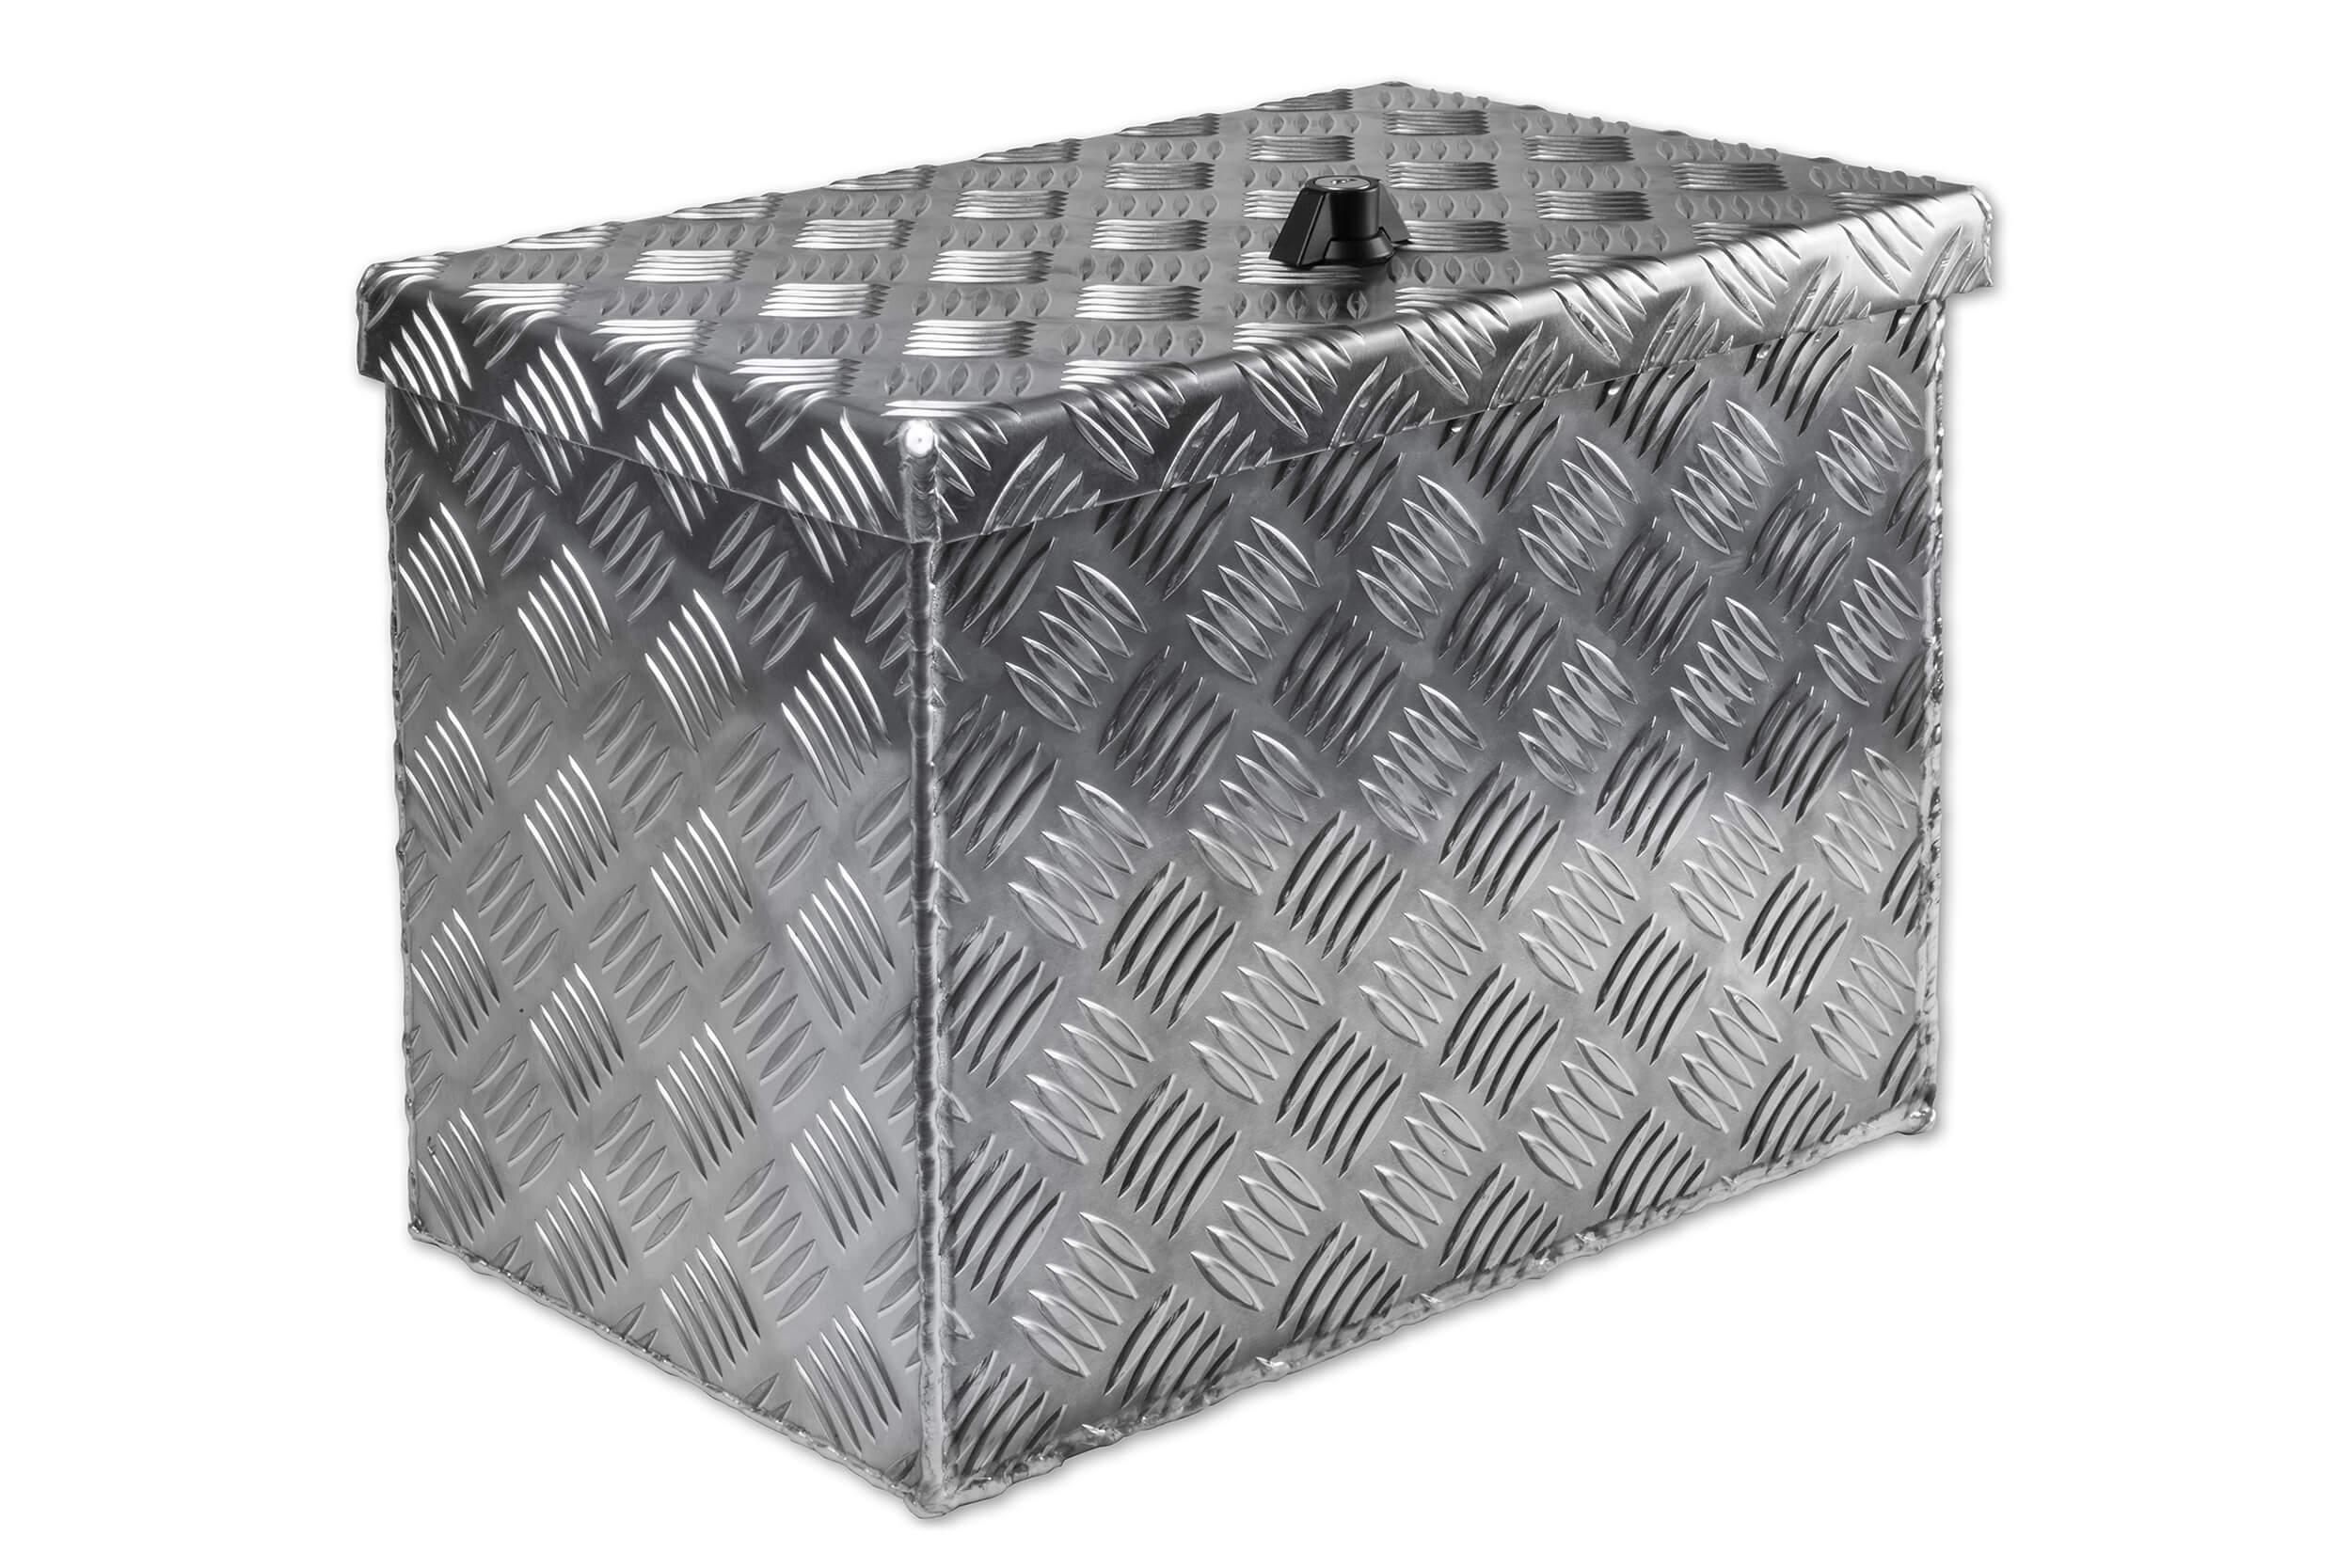 unterflurbox alu riffelblech b 414 x h 257 x t 300 mm unterflurboxen mit geringer einbauh he. Black Bedroom Furniture Sets. Home Design Ideas